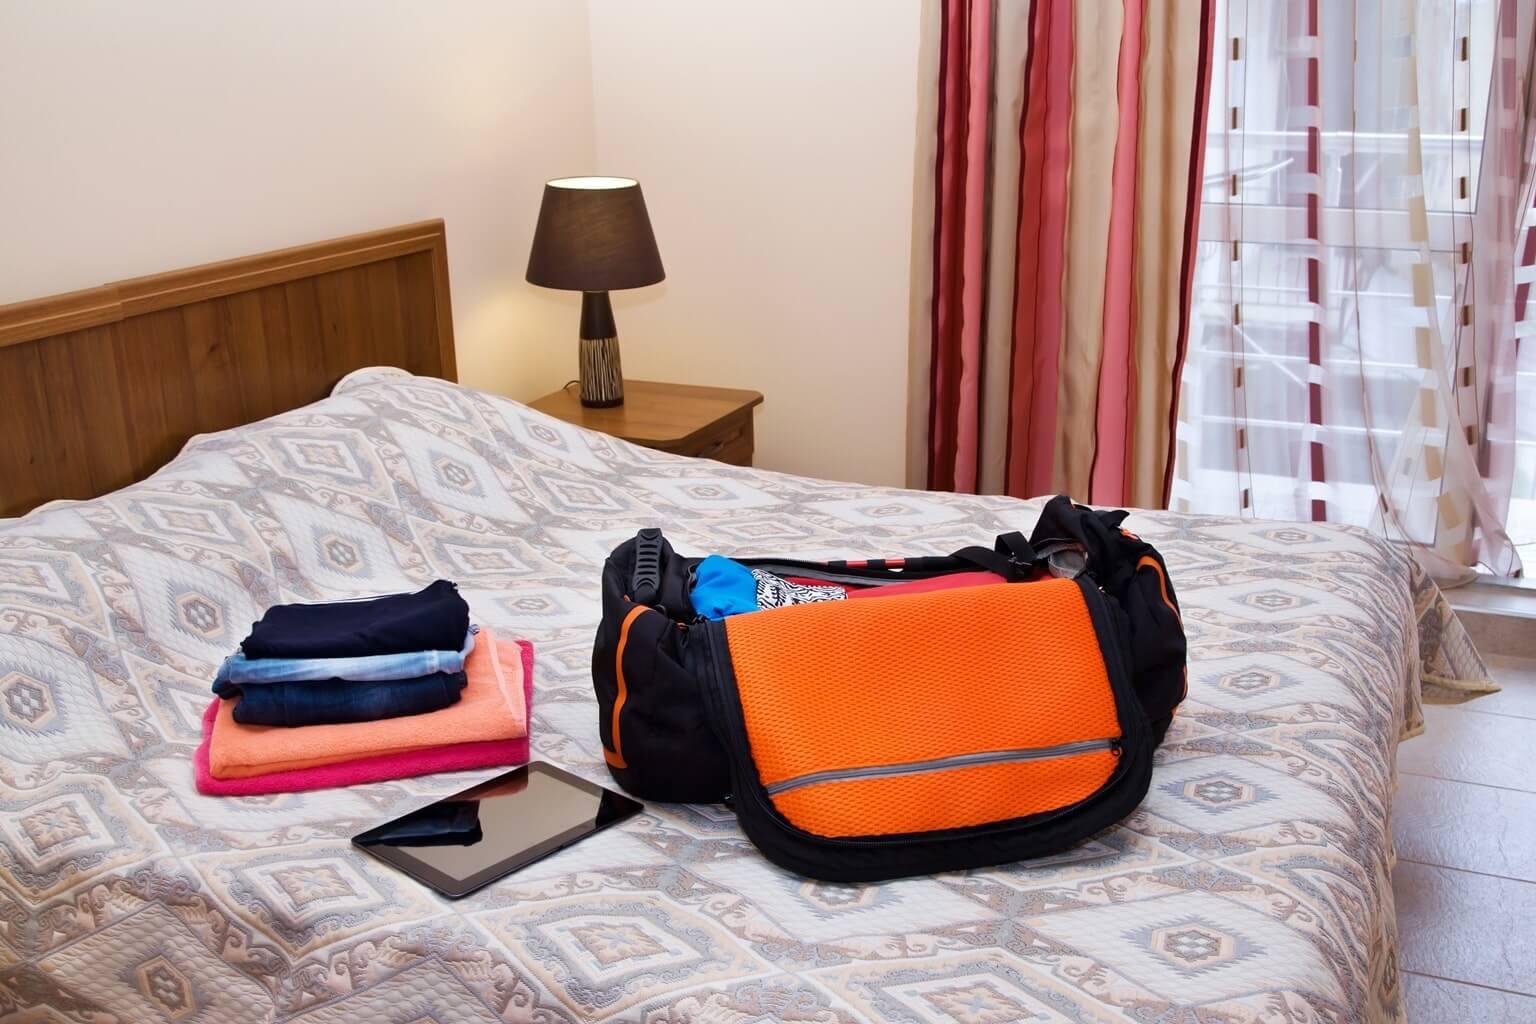 Logement en Irlande : Chambre d'hôtel avec bagage ouvert, linge et tablette